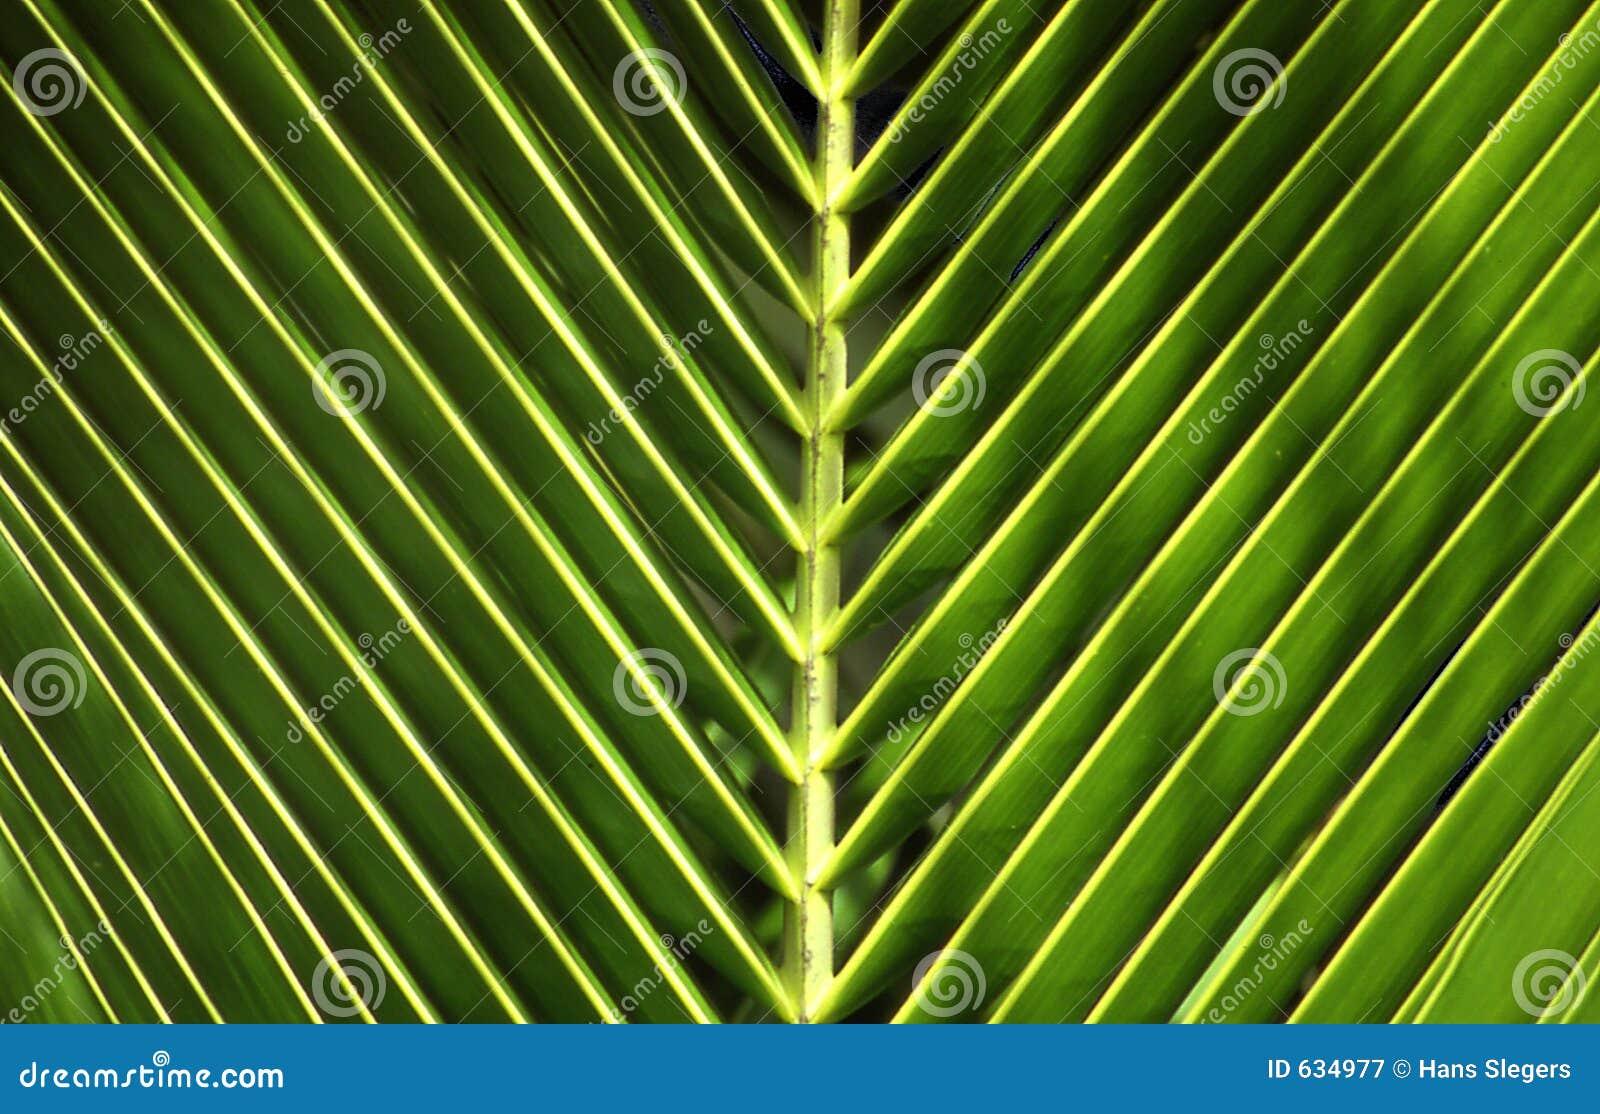 Download ладонь листьев стоковое изображение. изображение насчитывающей тропическо - 634977